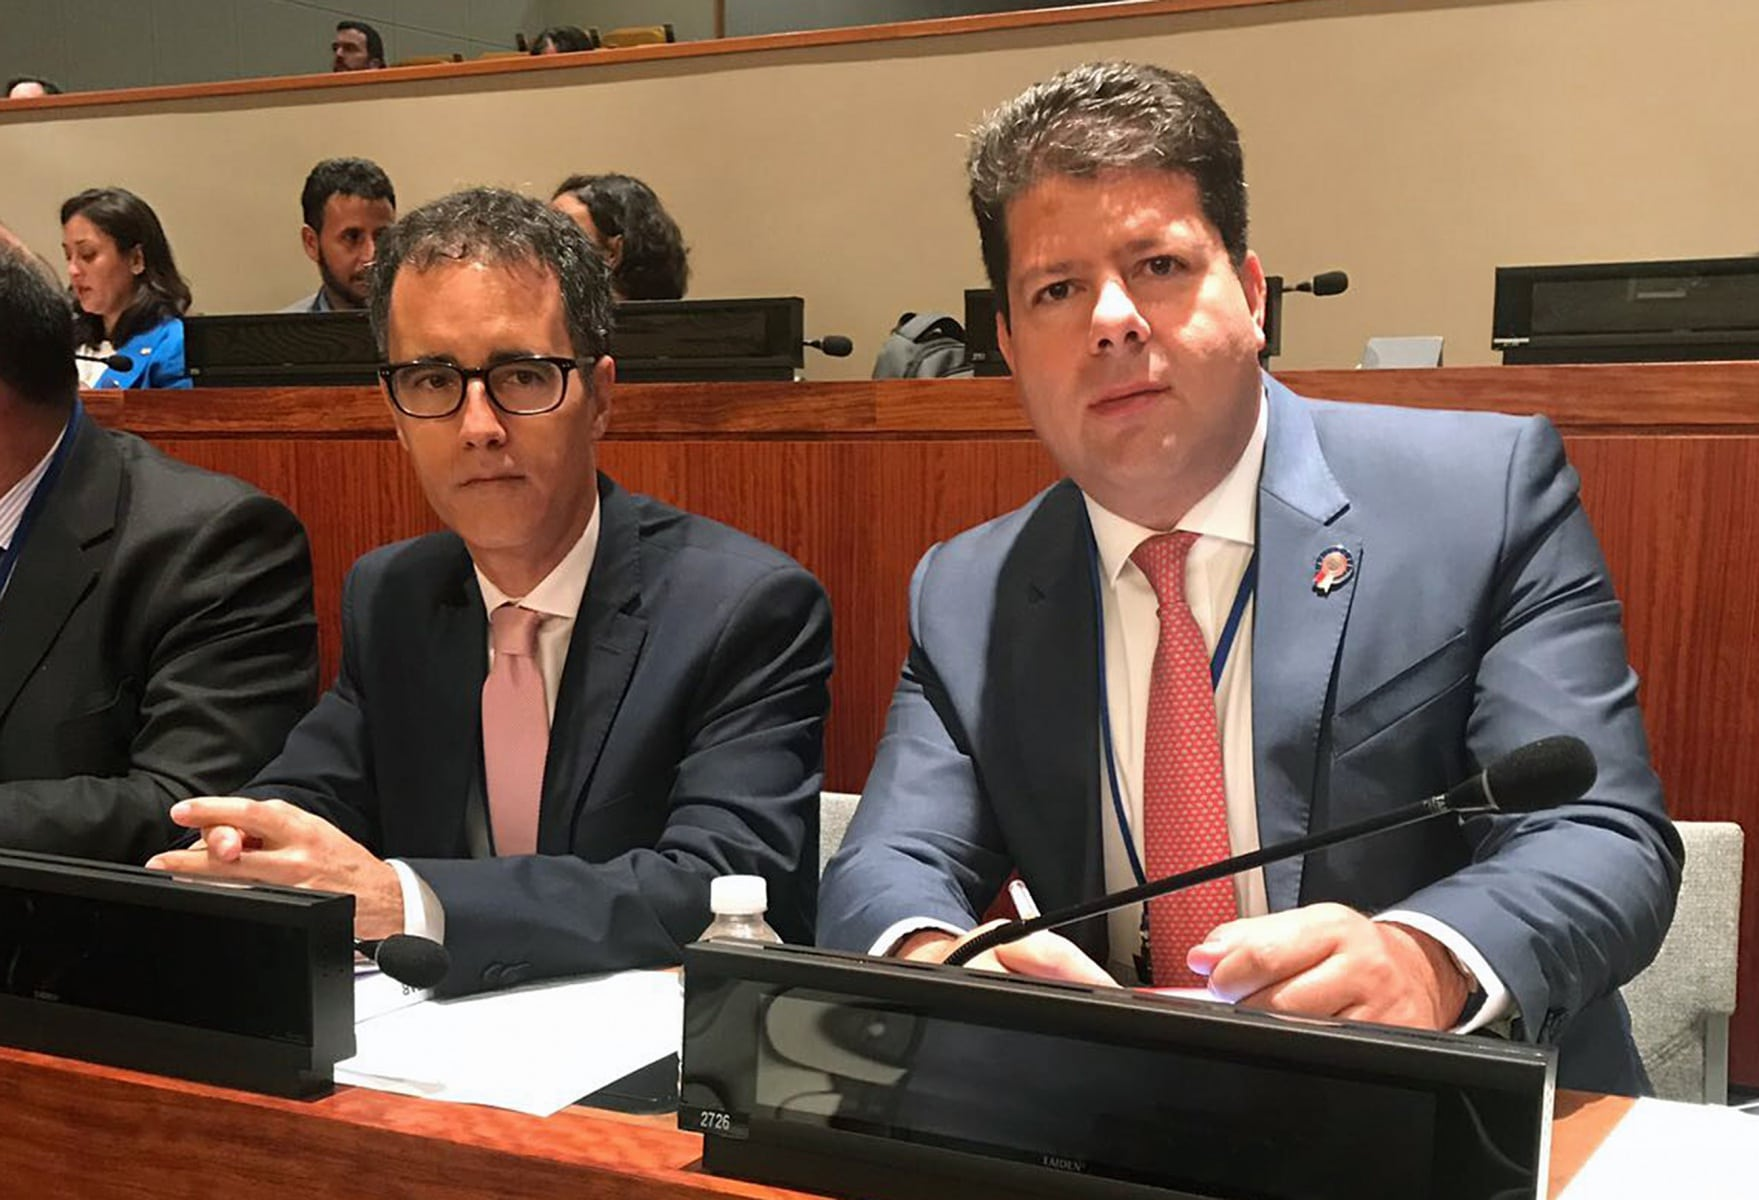 4-oct-2017-cm-y-representantes-de-gibraltar-en-cuarta-comisin-de-naciones-unidas-2_37398299350_o